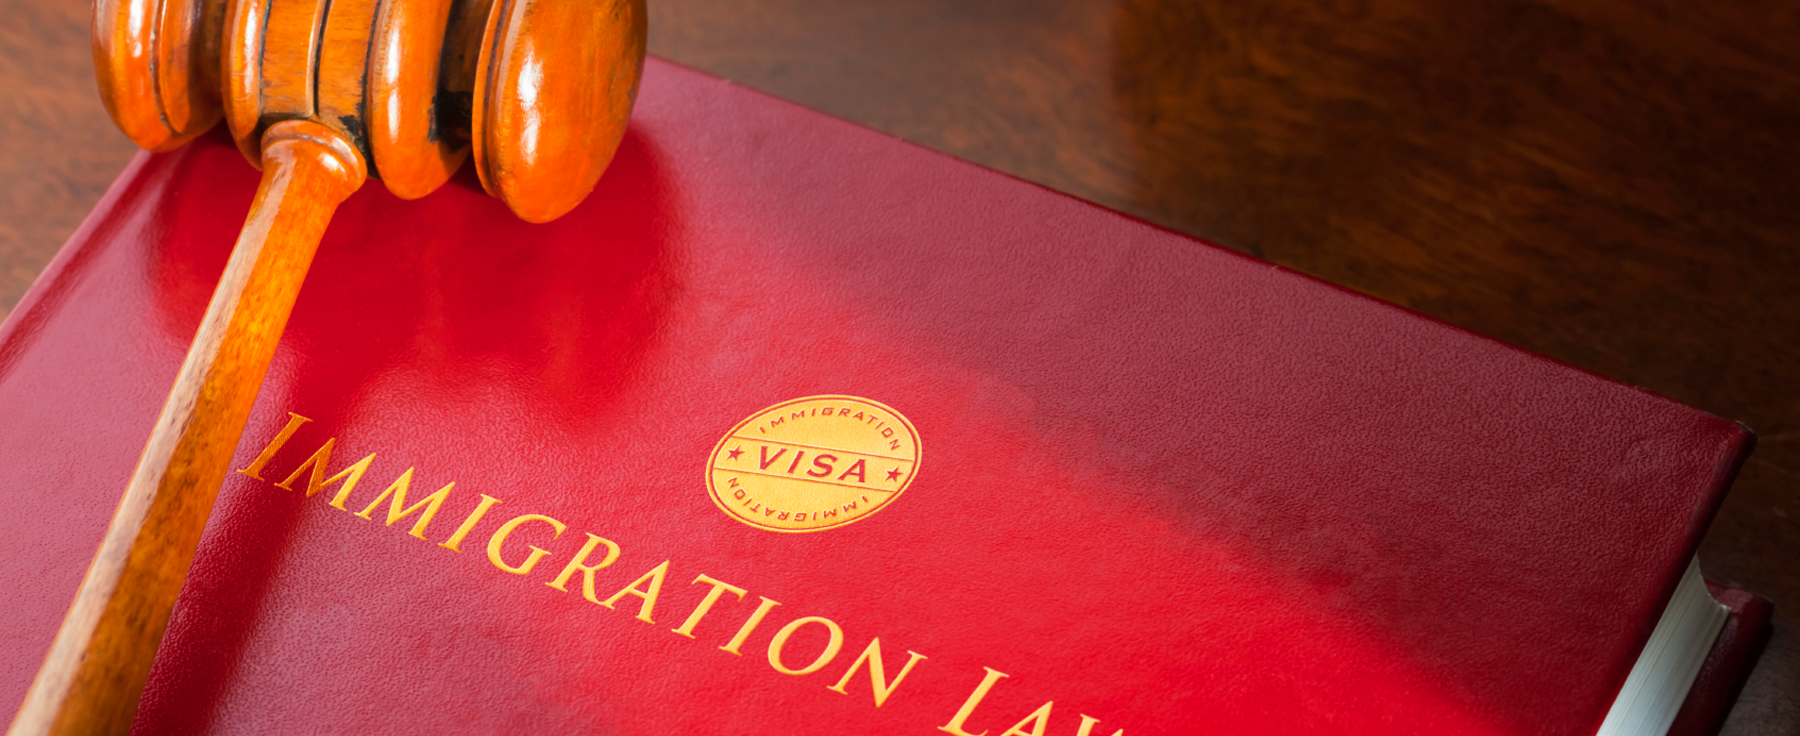 Obtaining a B1 Visa